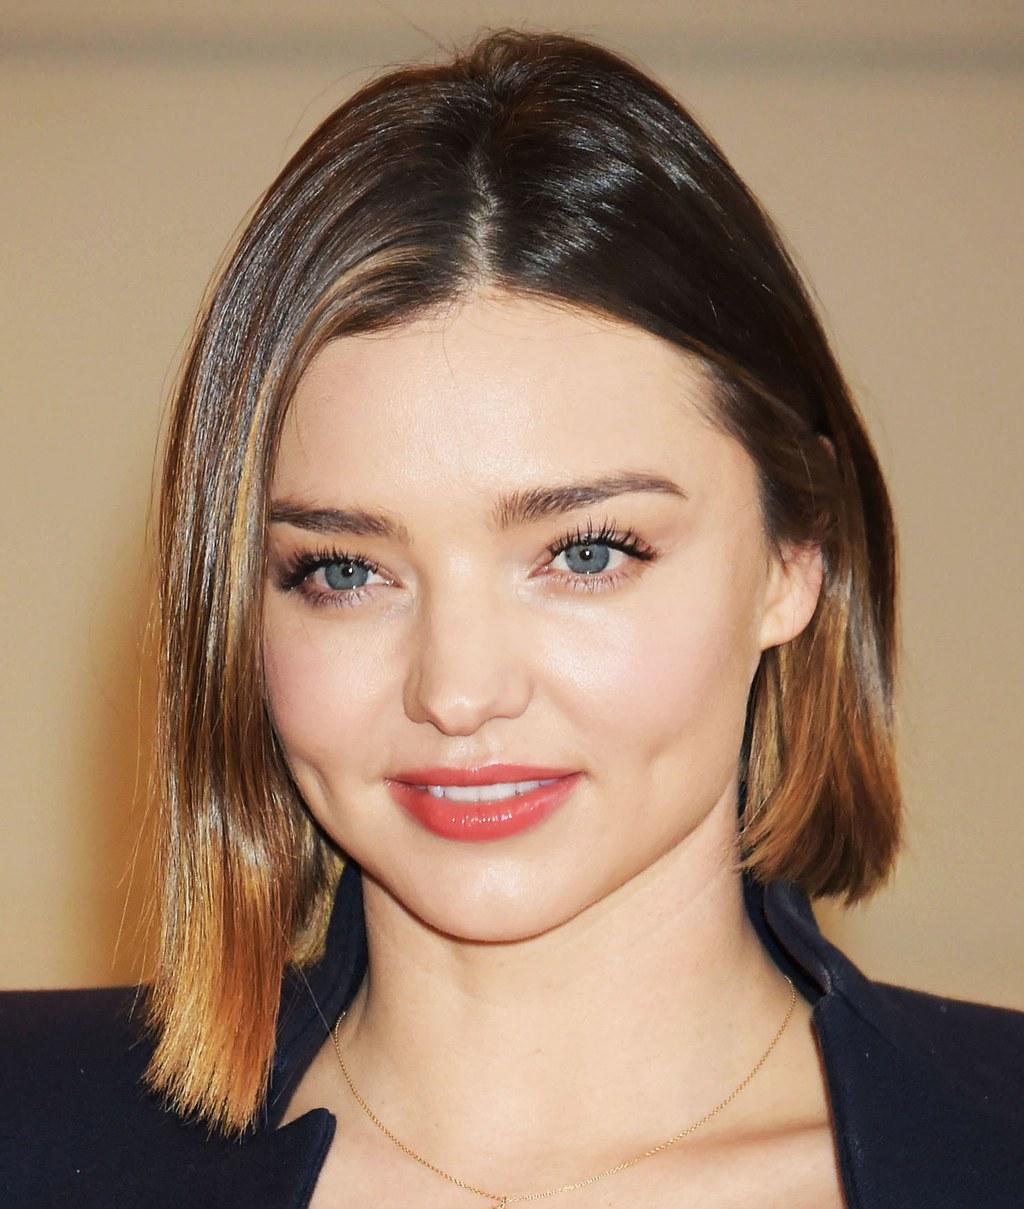 hair-mirandakerr-hairr-lips-bob.jpg